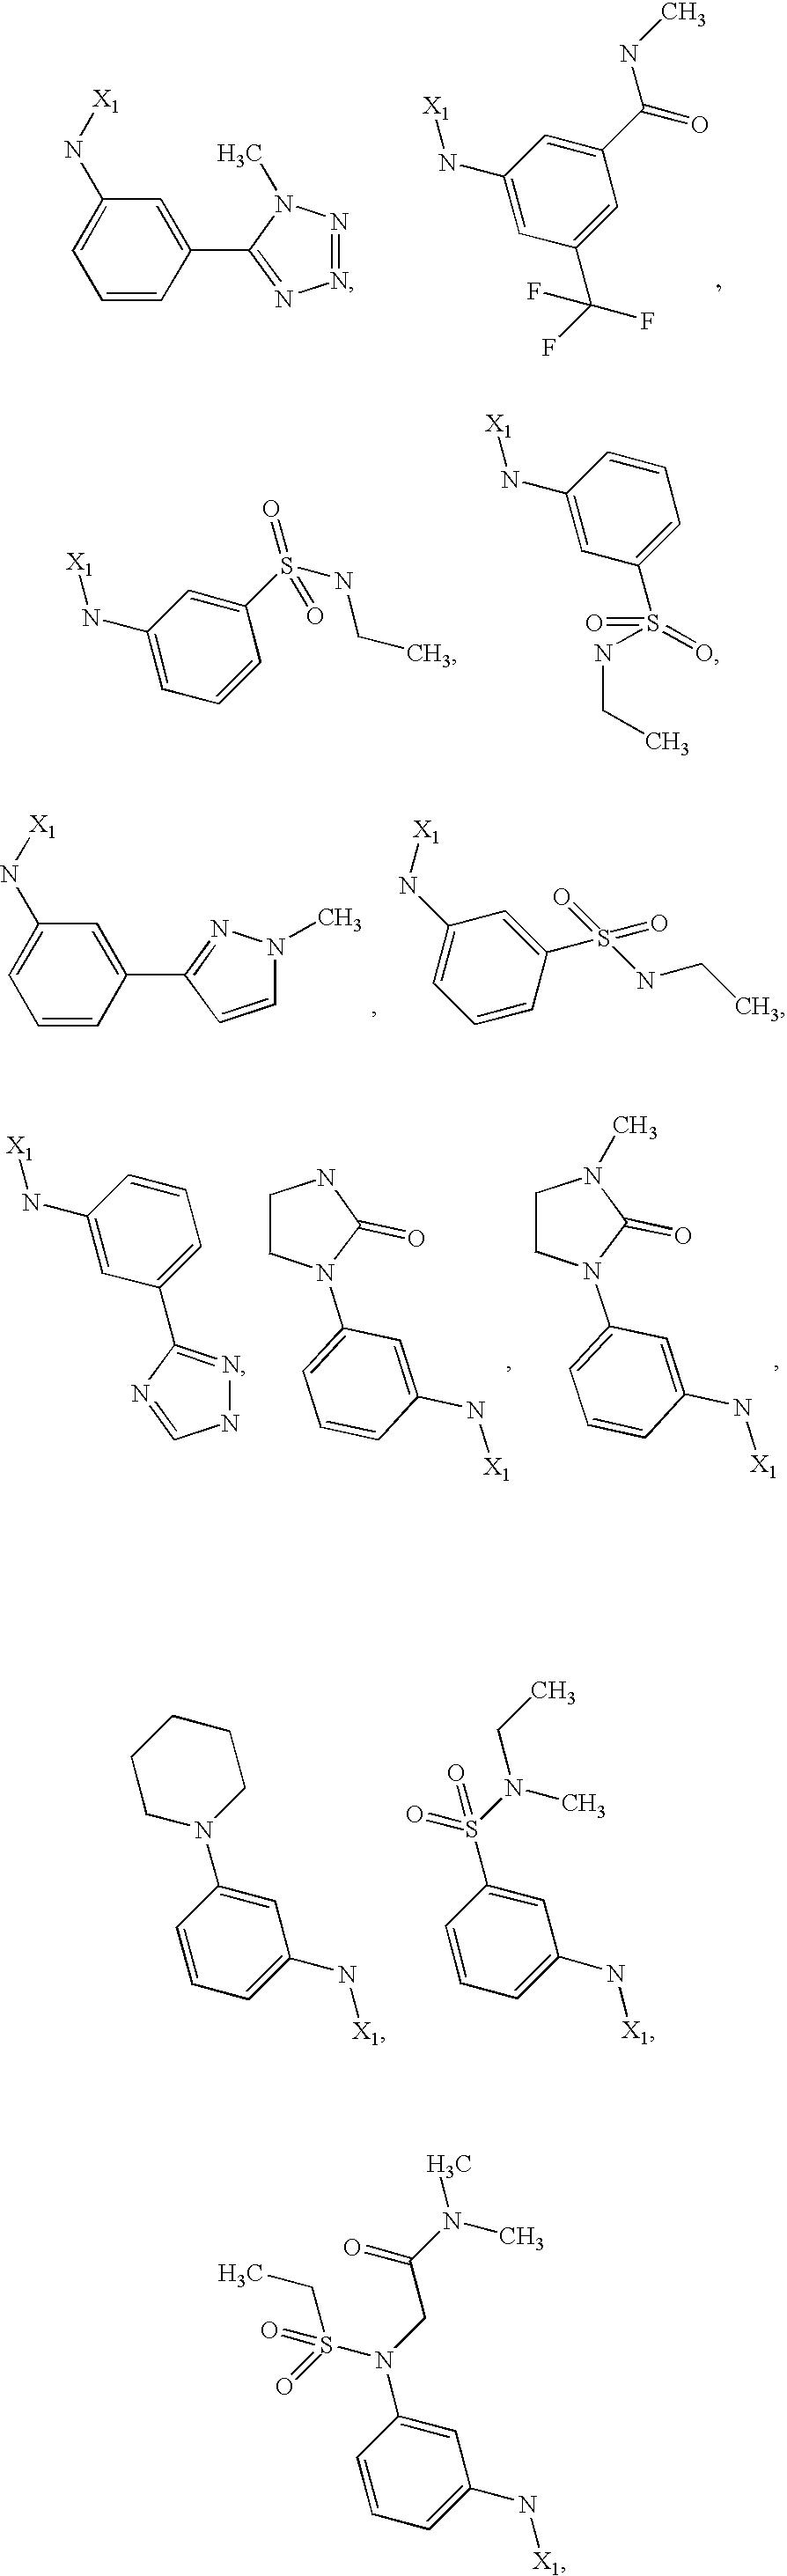 Figure US20100261687A1-20101014-C00037